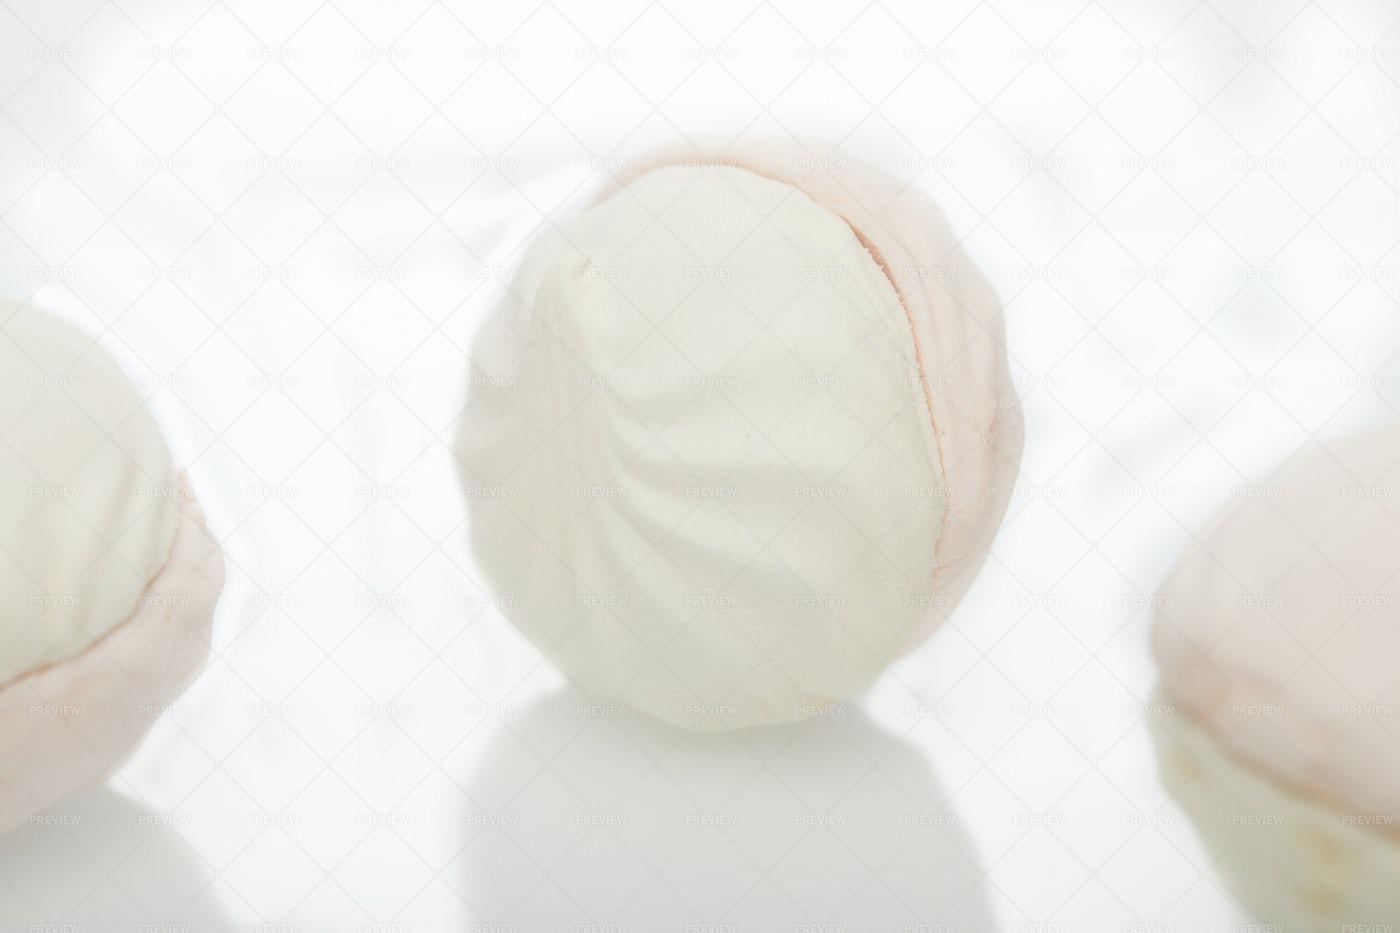 Marshmallow Close-Up: Stock Photos